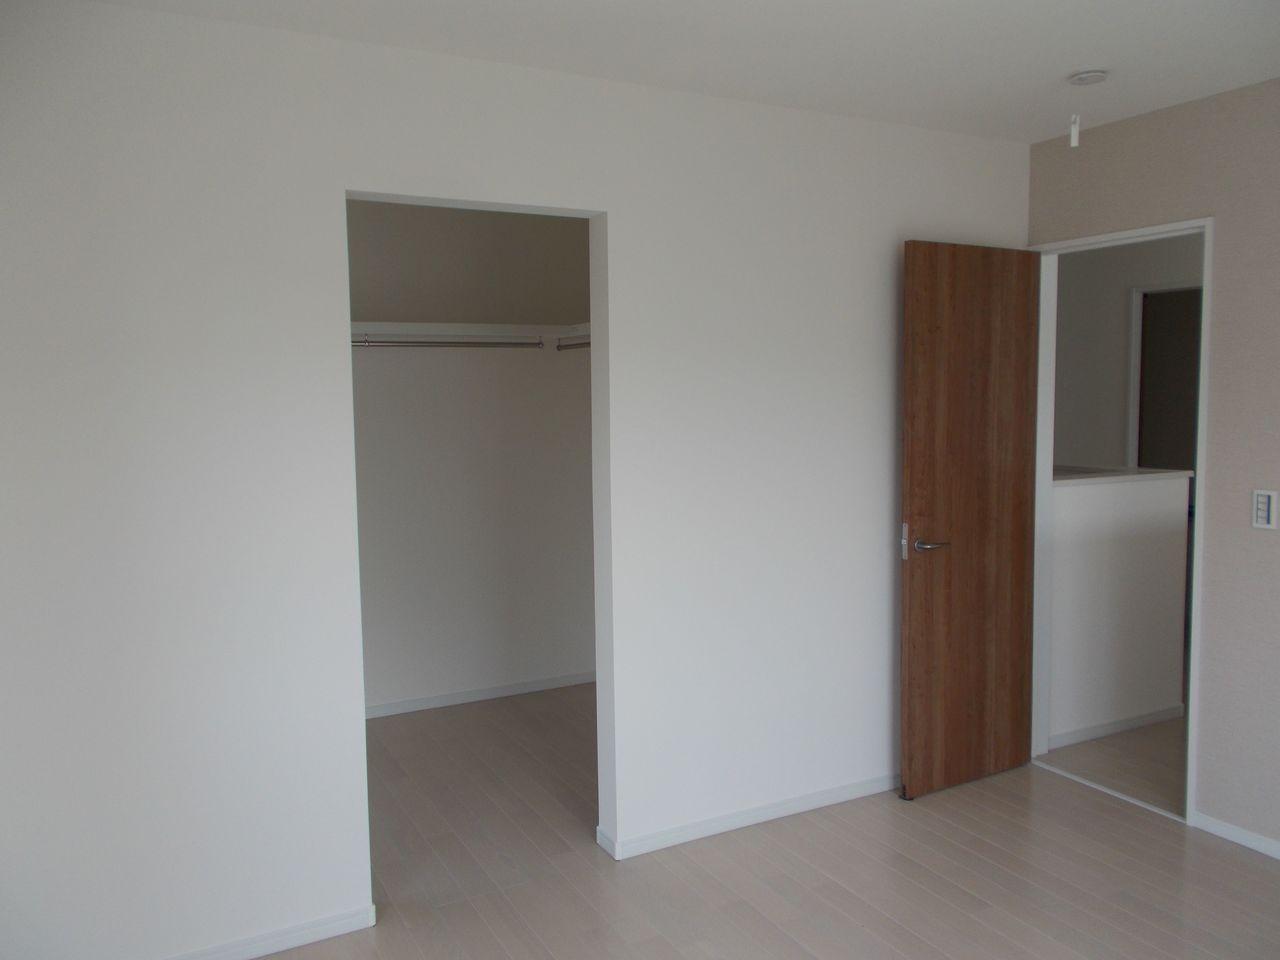 2階7帖洋室のウォークインクローゼットは 約3帖にゆったりスペース。